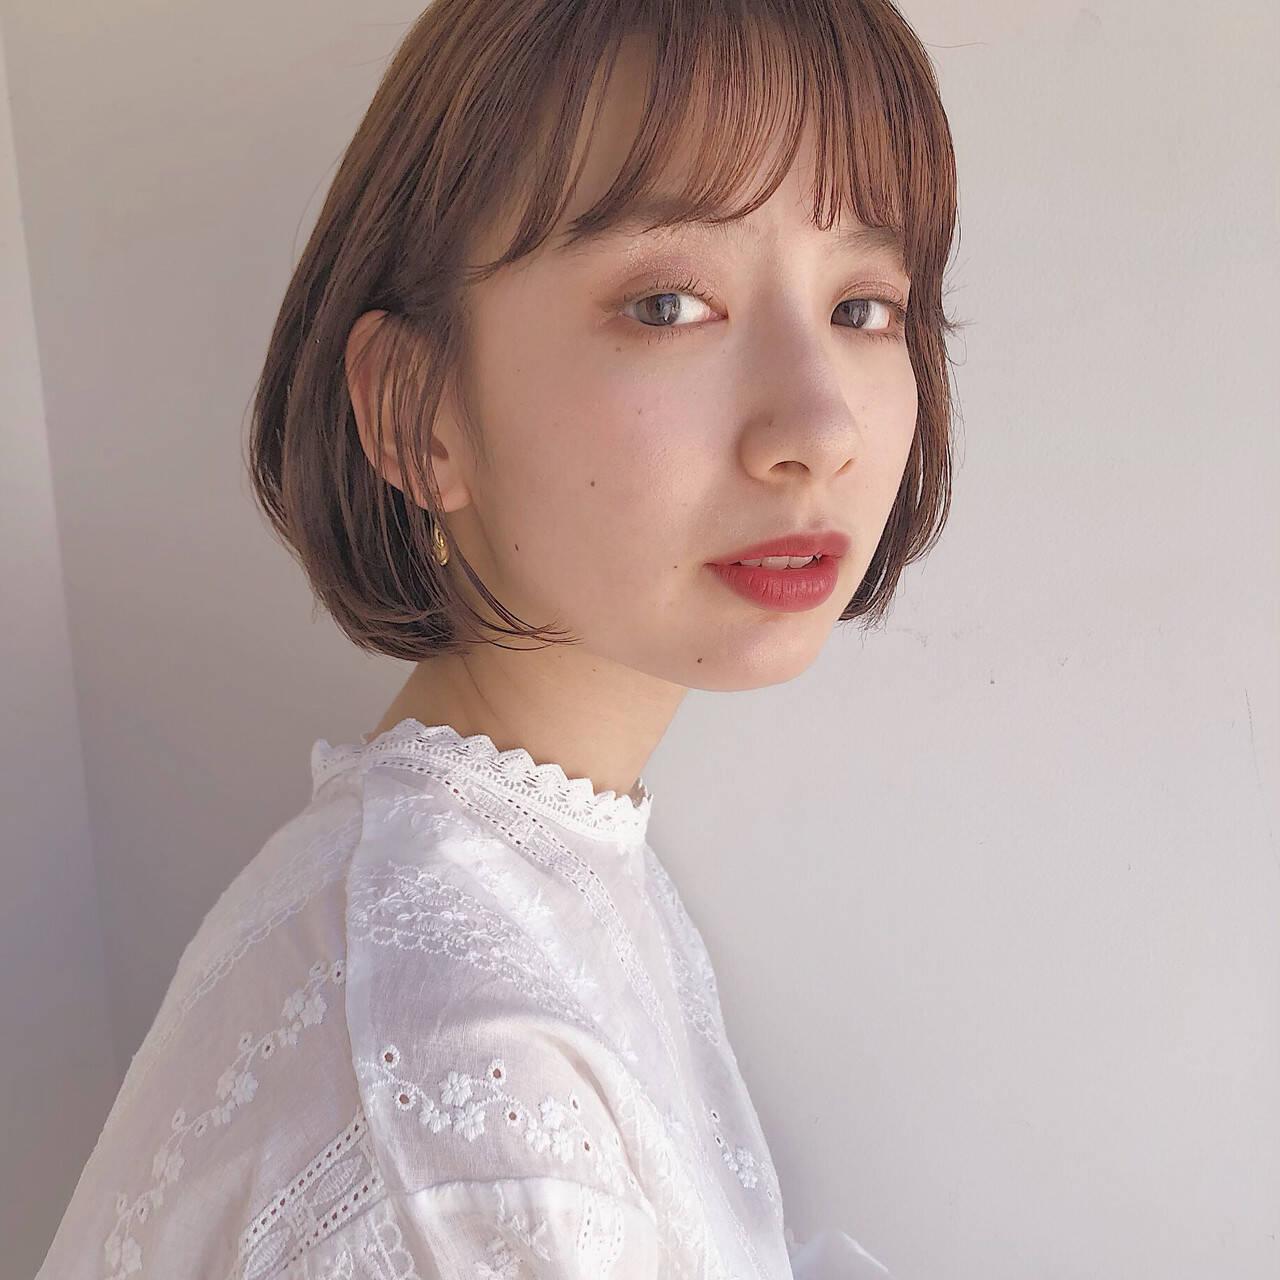 外ハネボブ ナチュラル 韓国ヘア ミニボブヘアスタイルや髪型の写真・画像